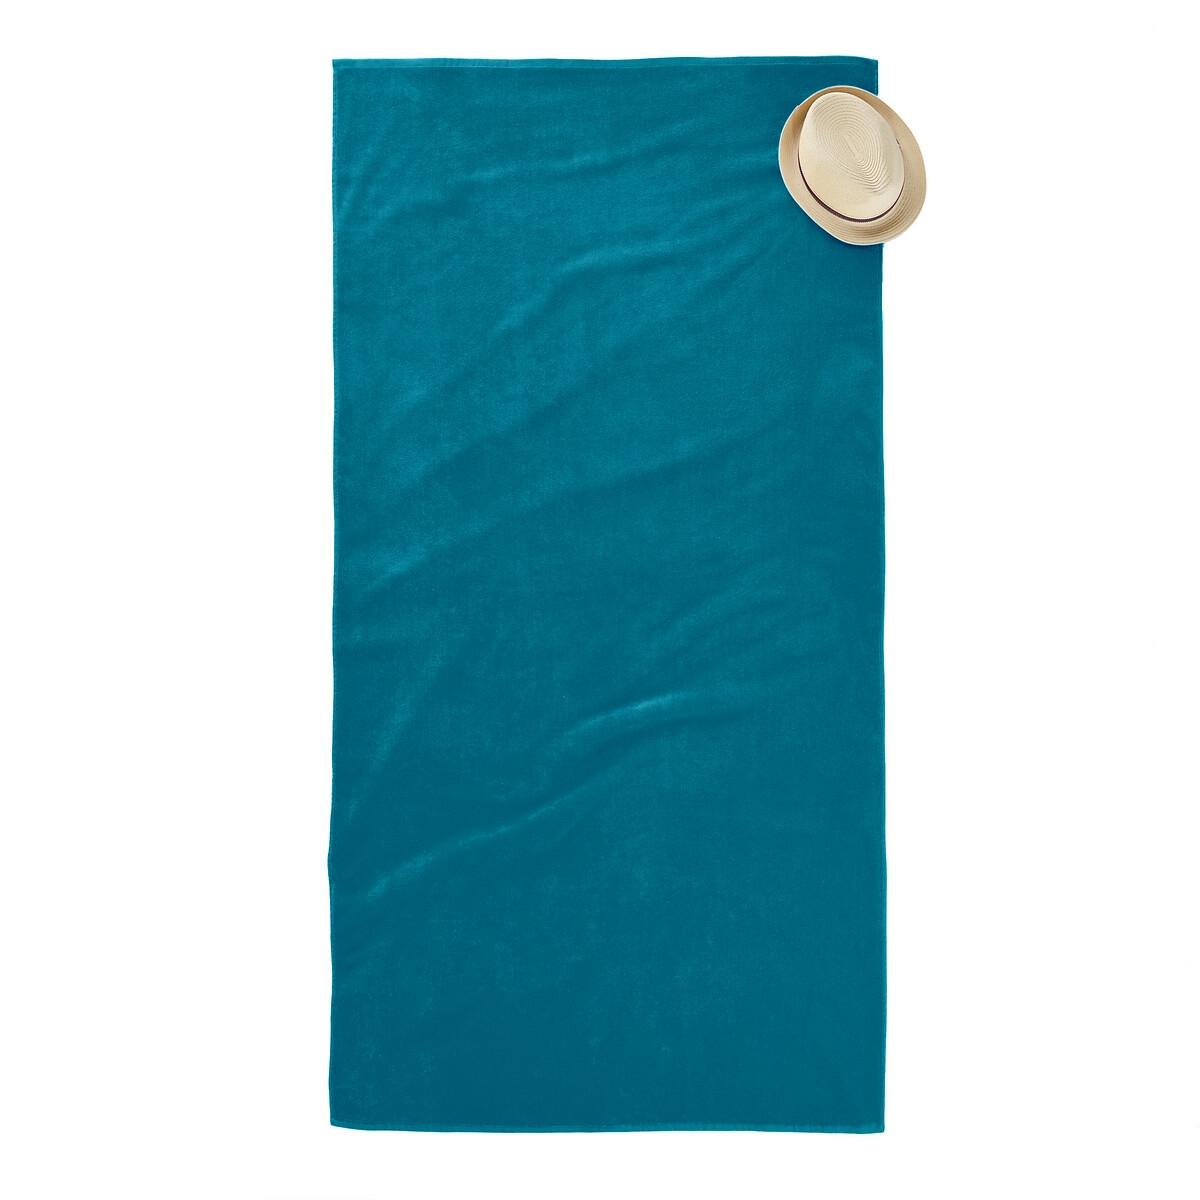 Пляжное LaRedoute Полотенце из велюра 420 гм Scenario единый размер синий 5 однотонных laredoute банных принадлежностей из махровой ткани 500 гм scenario единый размер синий